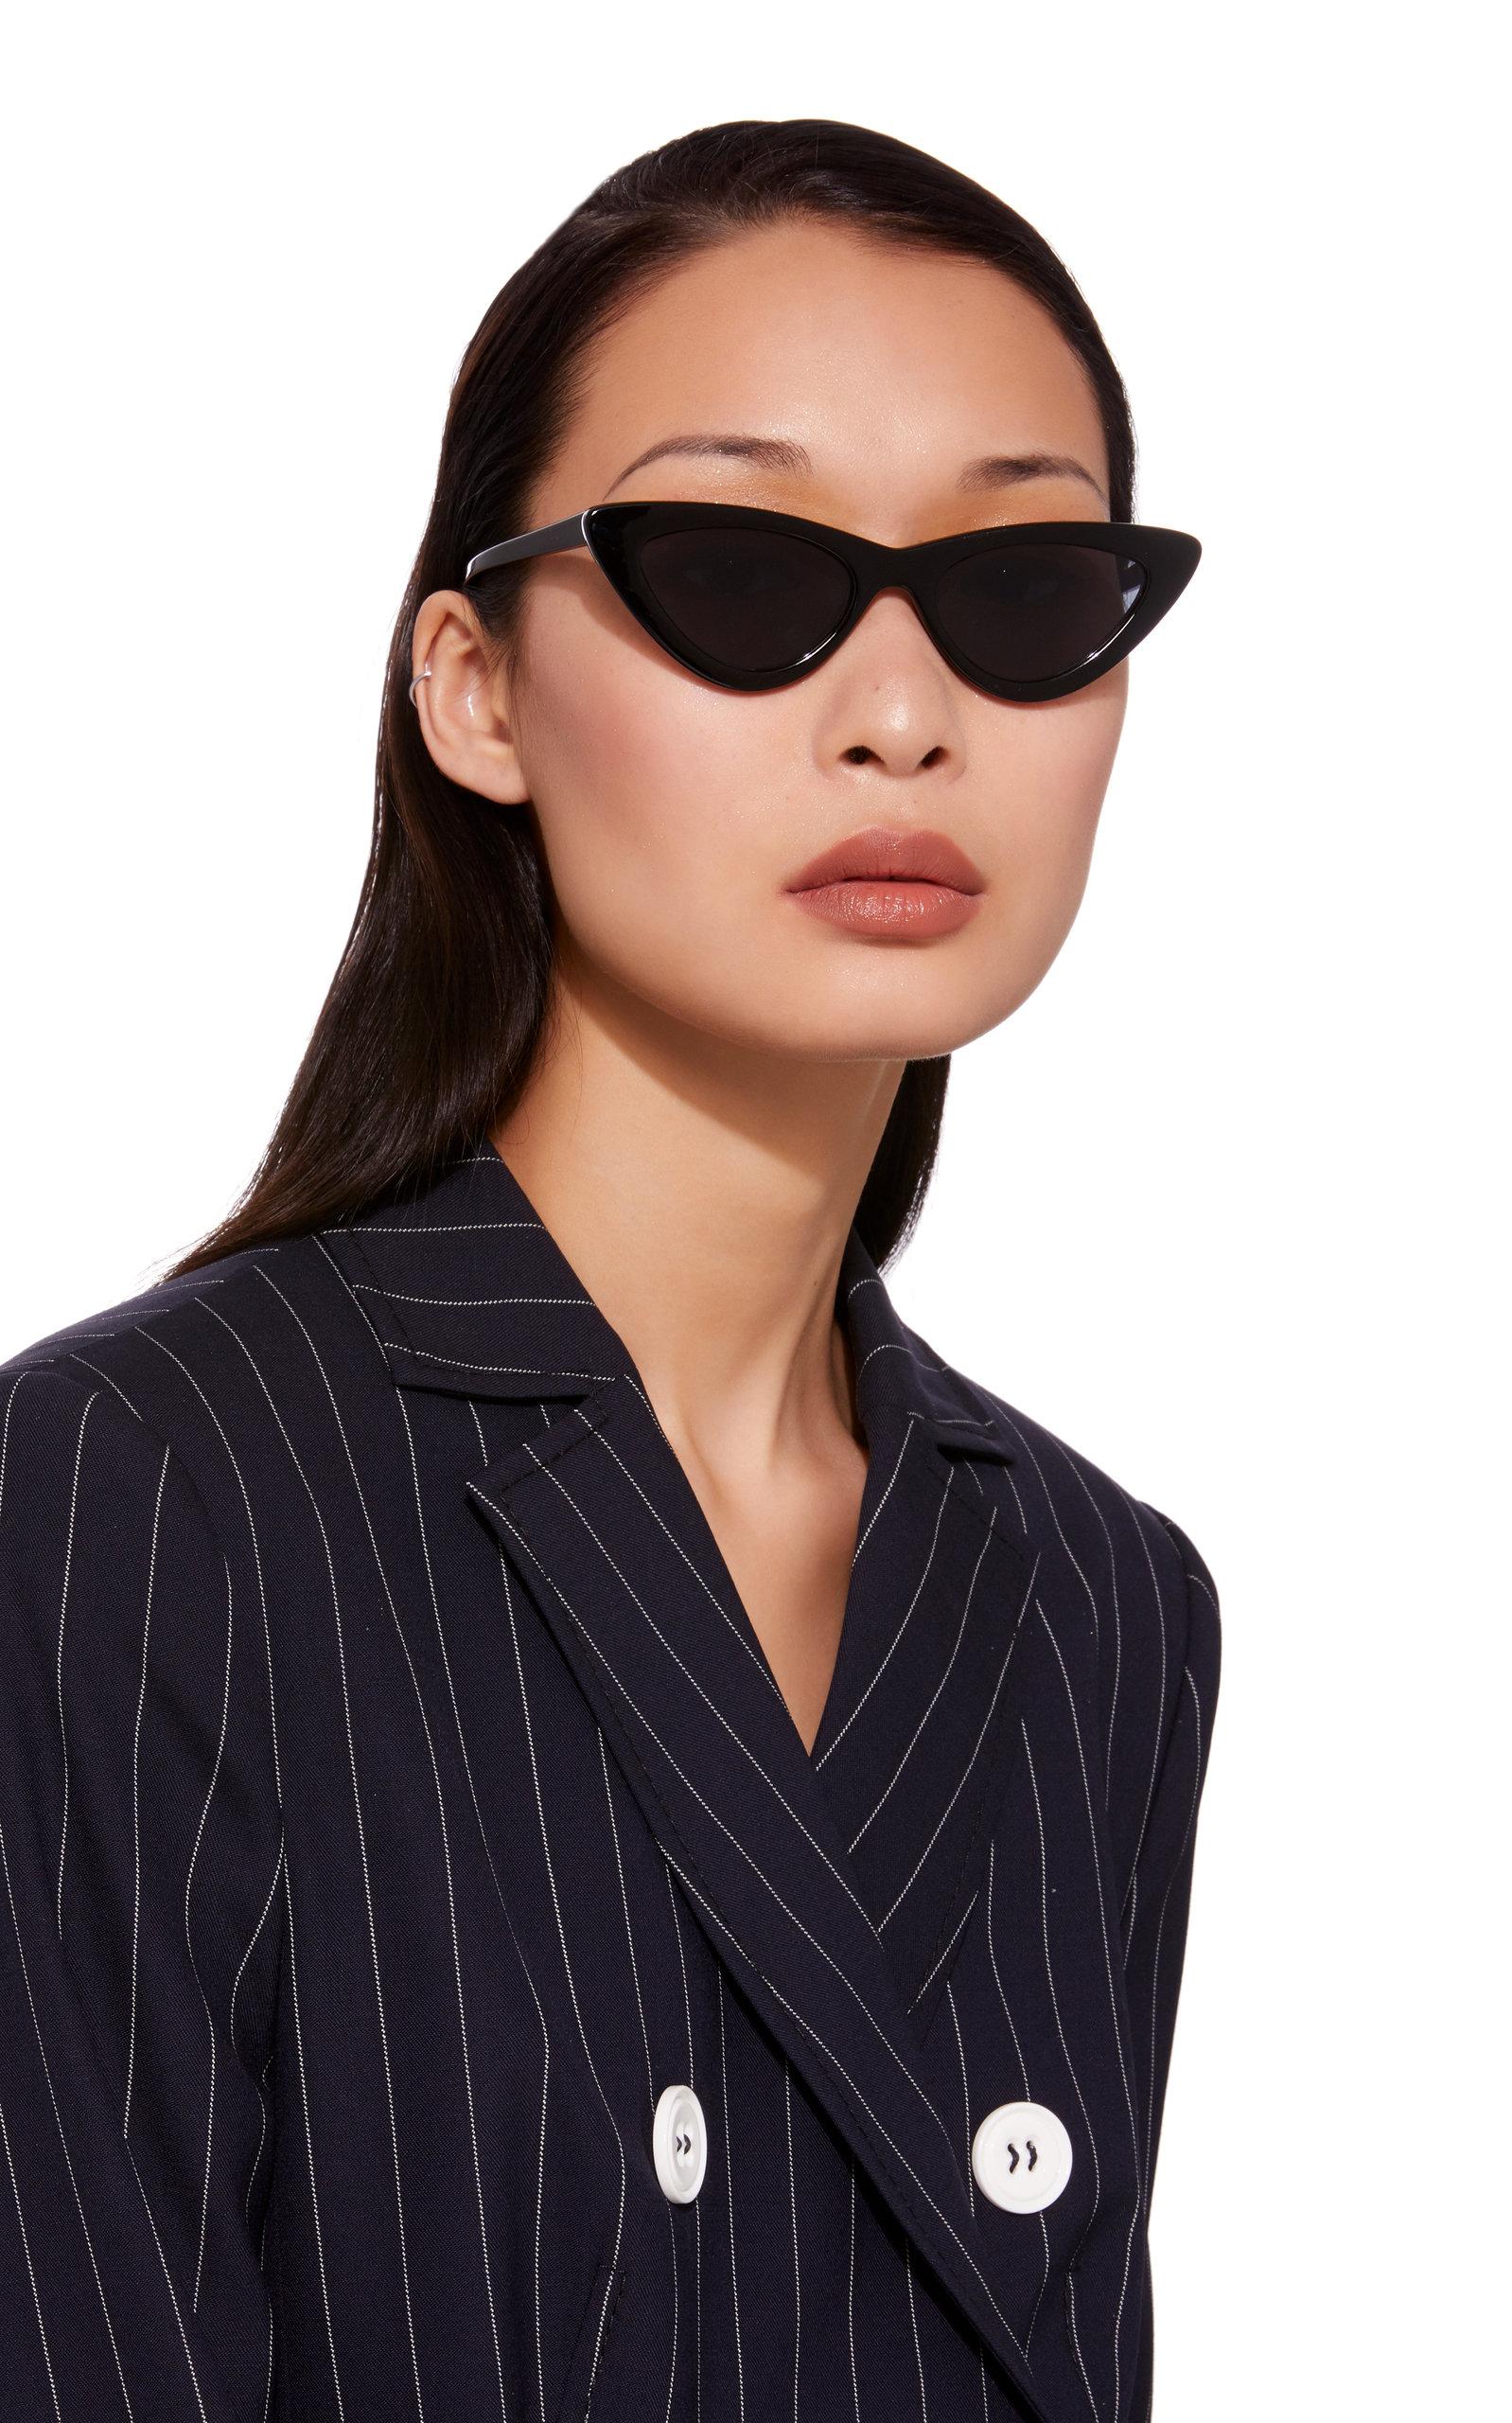 51b03f4d9bf The Last Lolita Cat-Eye Sunglasses by Adam Selman X Le Specs